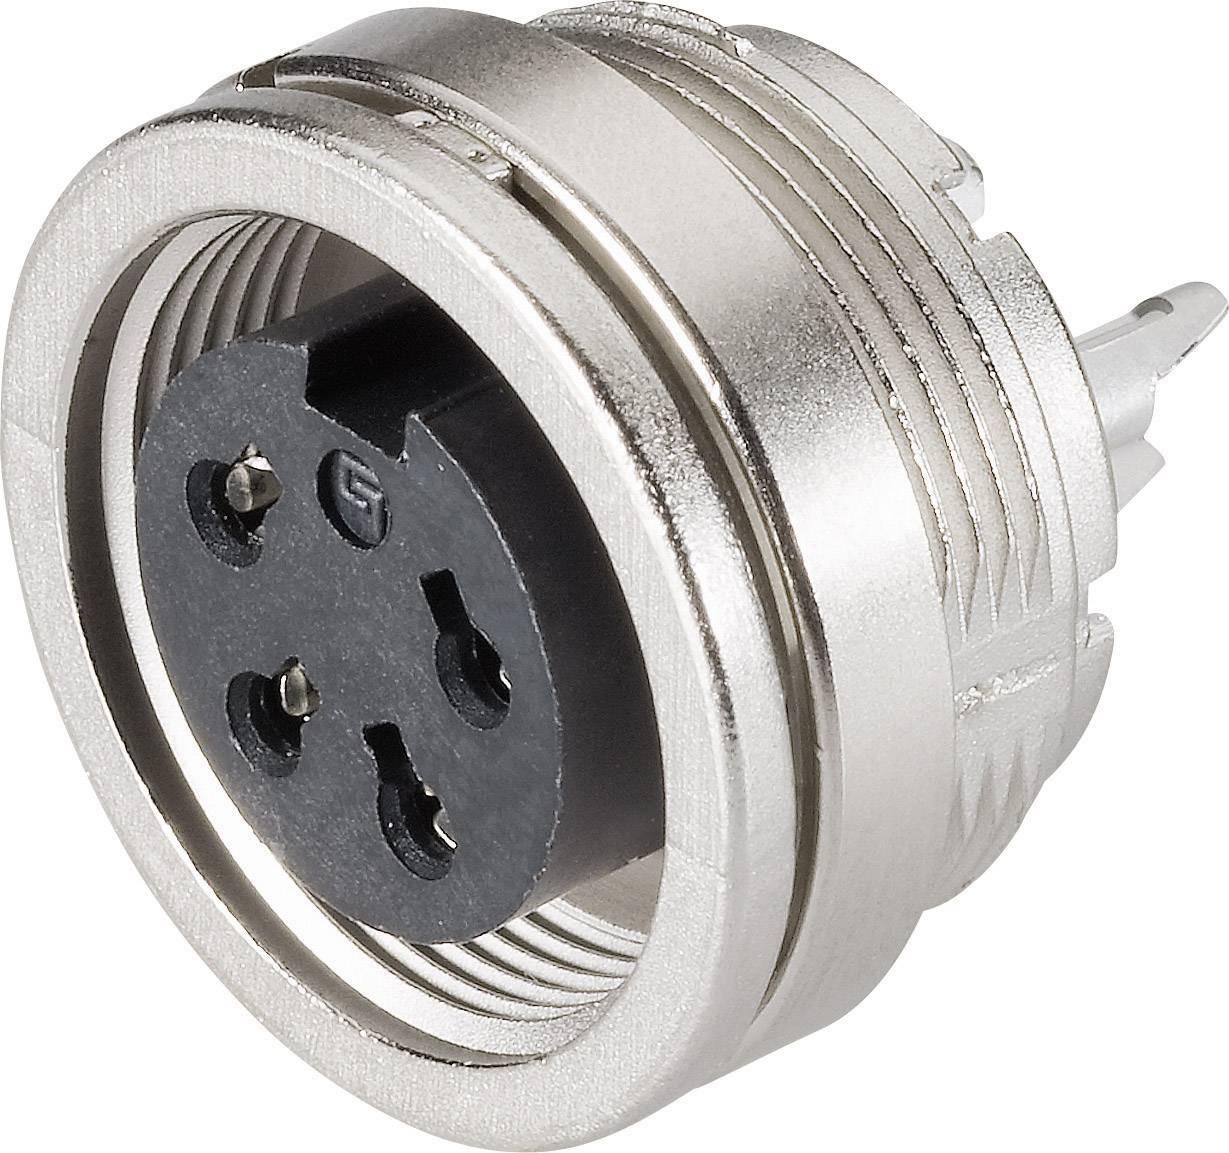 Miniatúrny okrúhly konektor mini guľatý konektor Guľatý konektor Binder 09-0324-00-06 5 A, IP40, poniklovaná, 1 ks